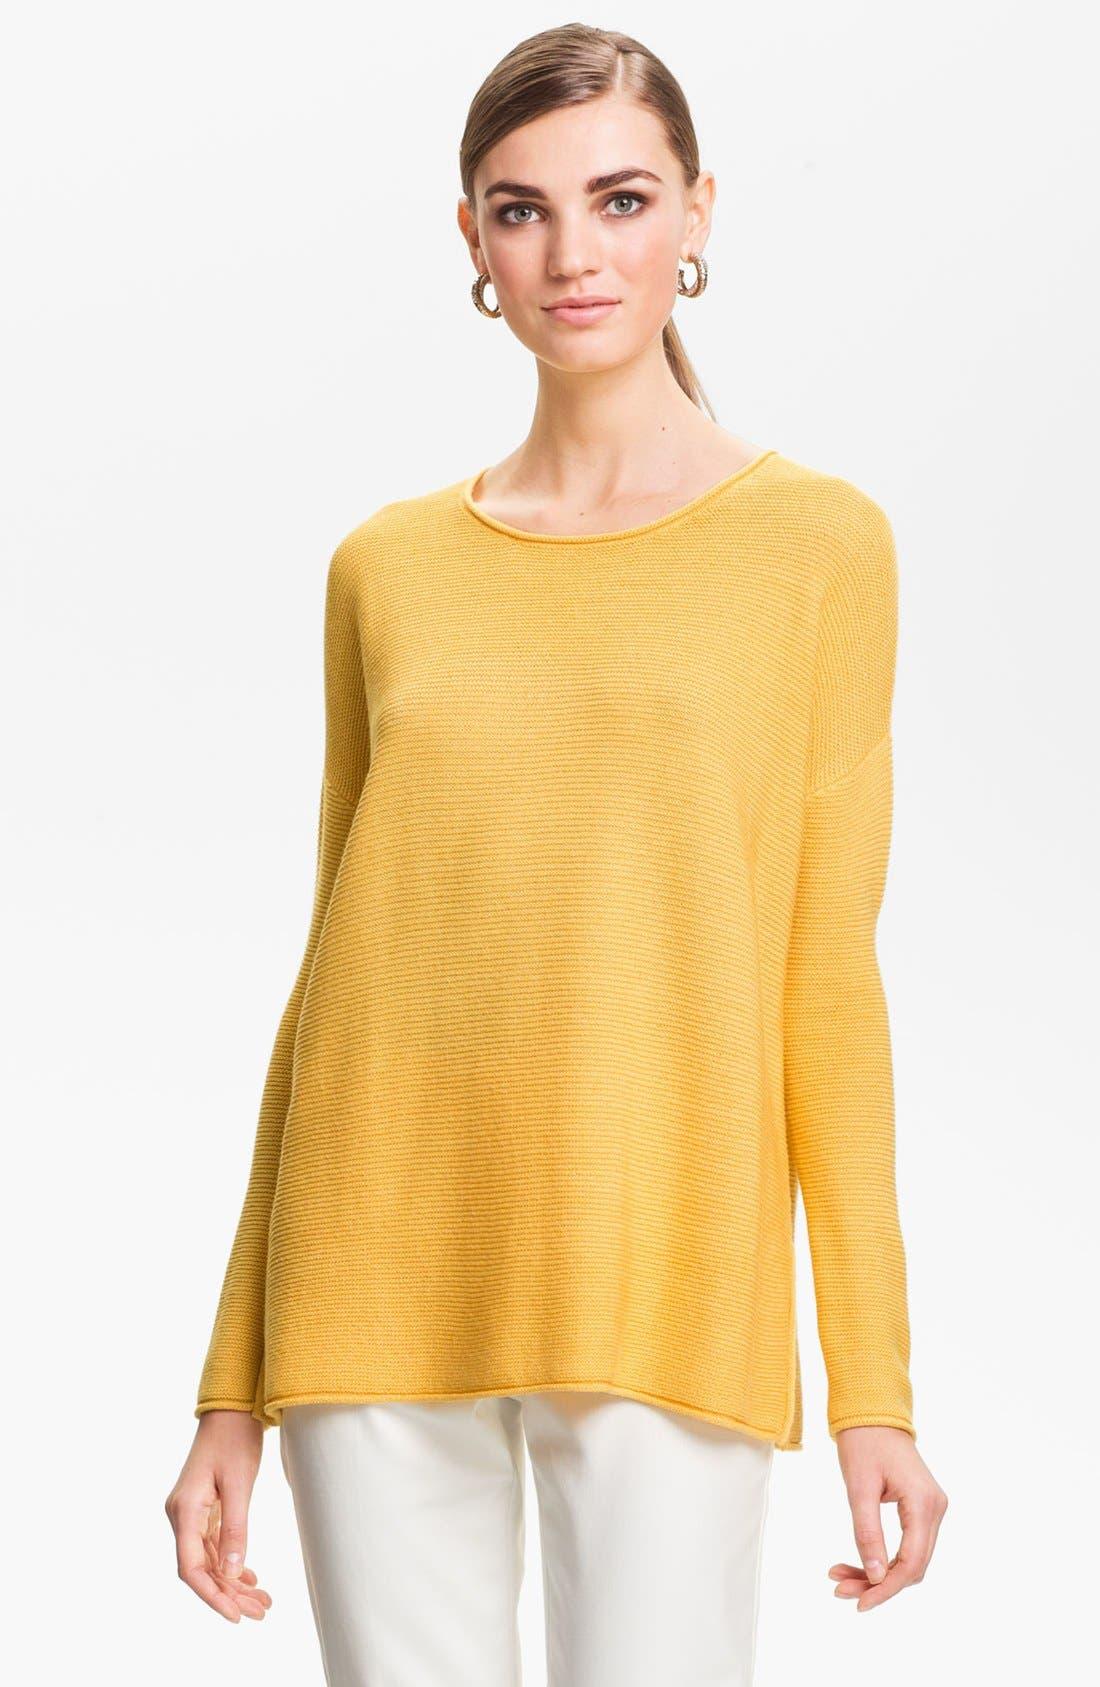 Main Image - St. John Yellow Label Ottoman Knit Sweater